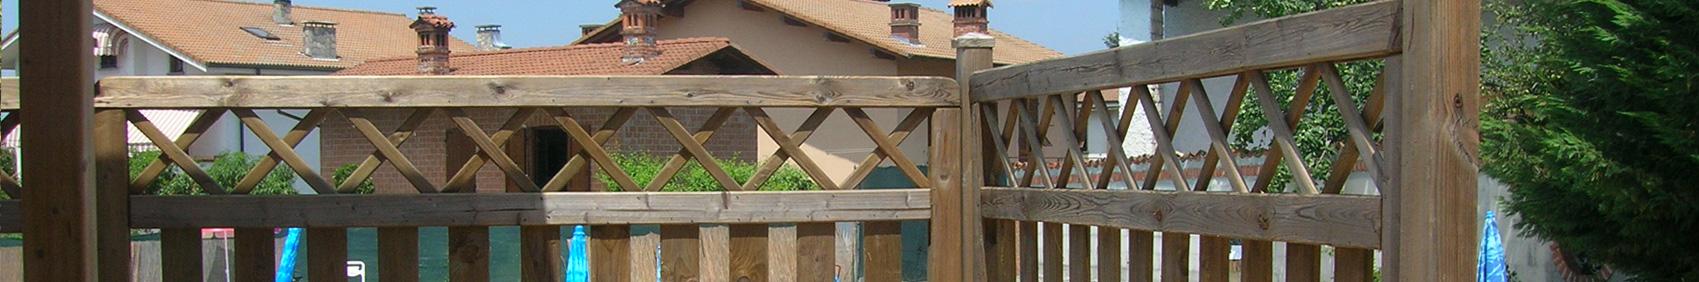 Steccati e recinzioni in legno fai da te onlywood for Corrimano in legno leroy merlin